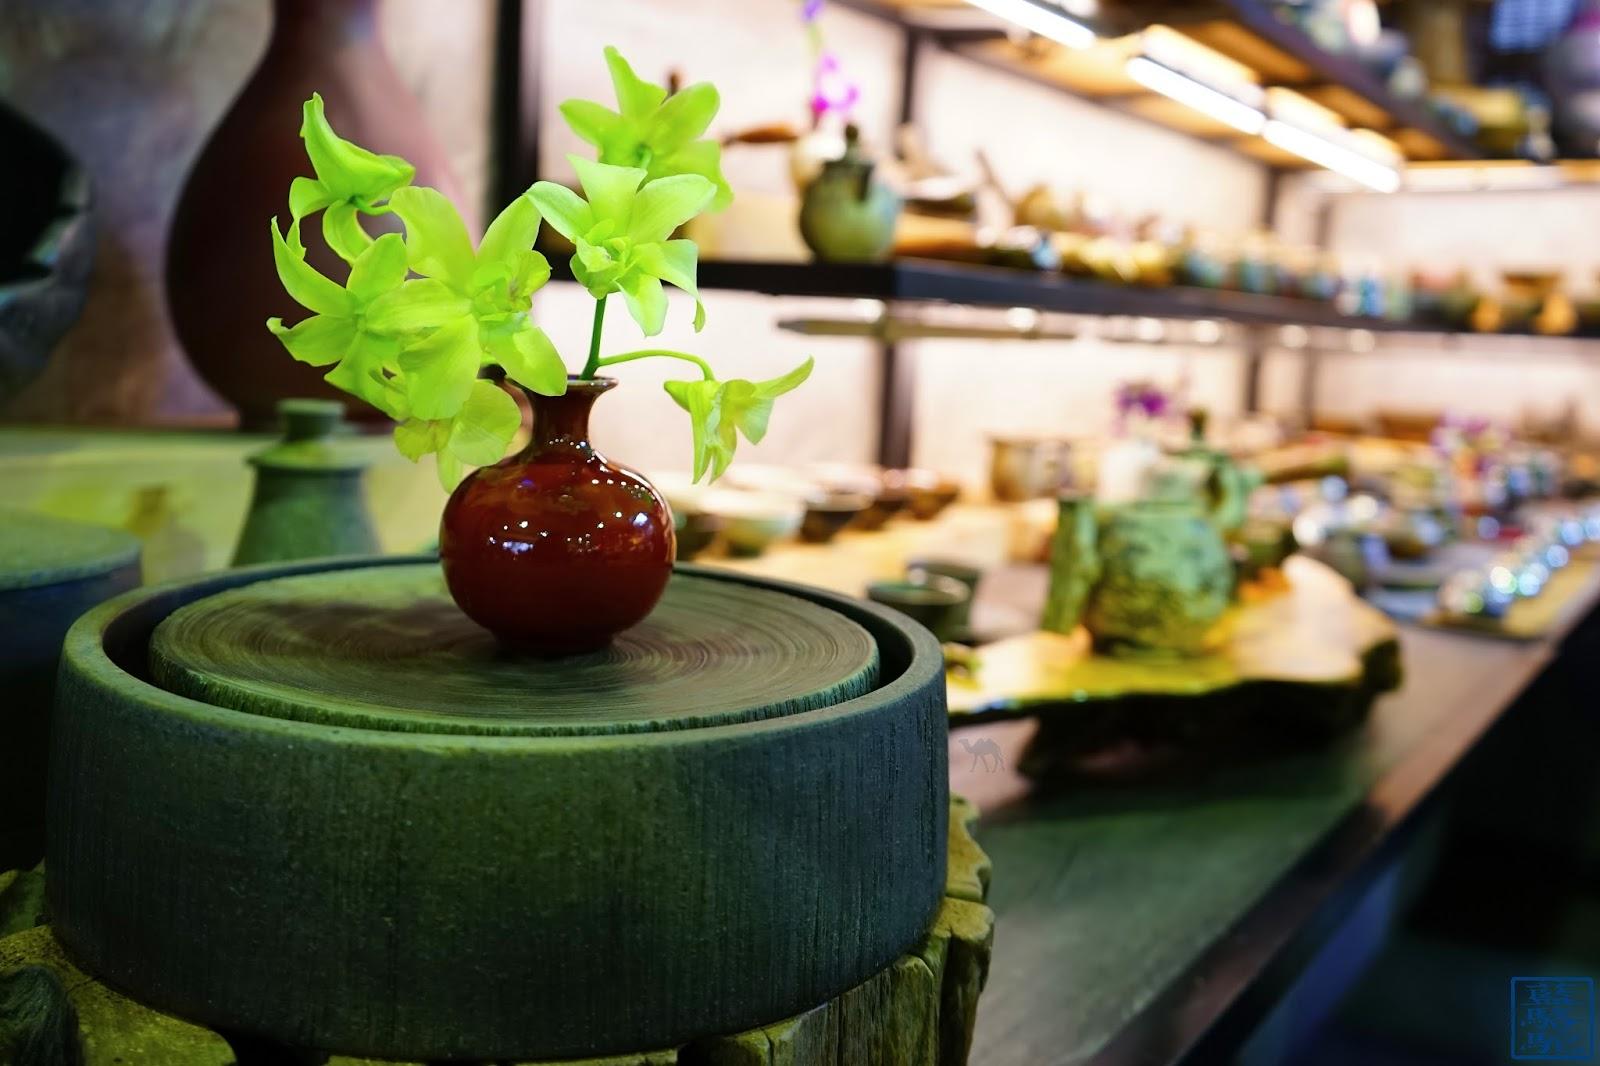 Le Chameau Bleu - Taipei - Taiwan - Marché aux fleurs - Ikebana